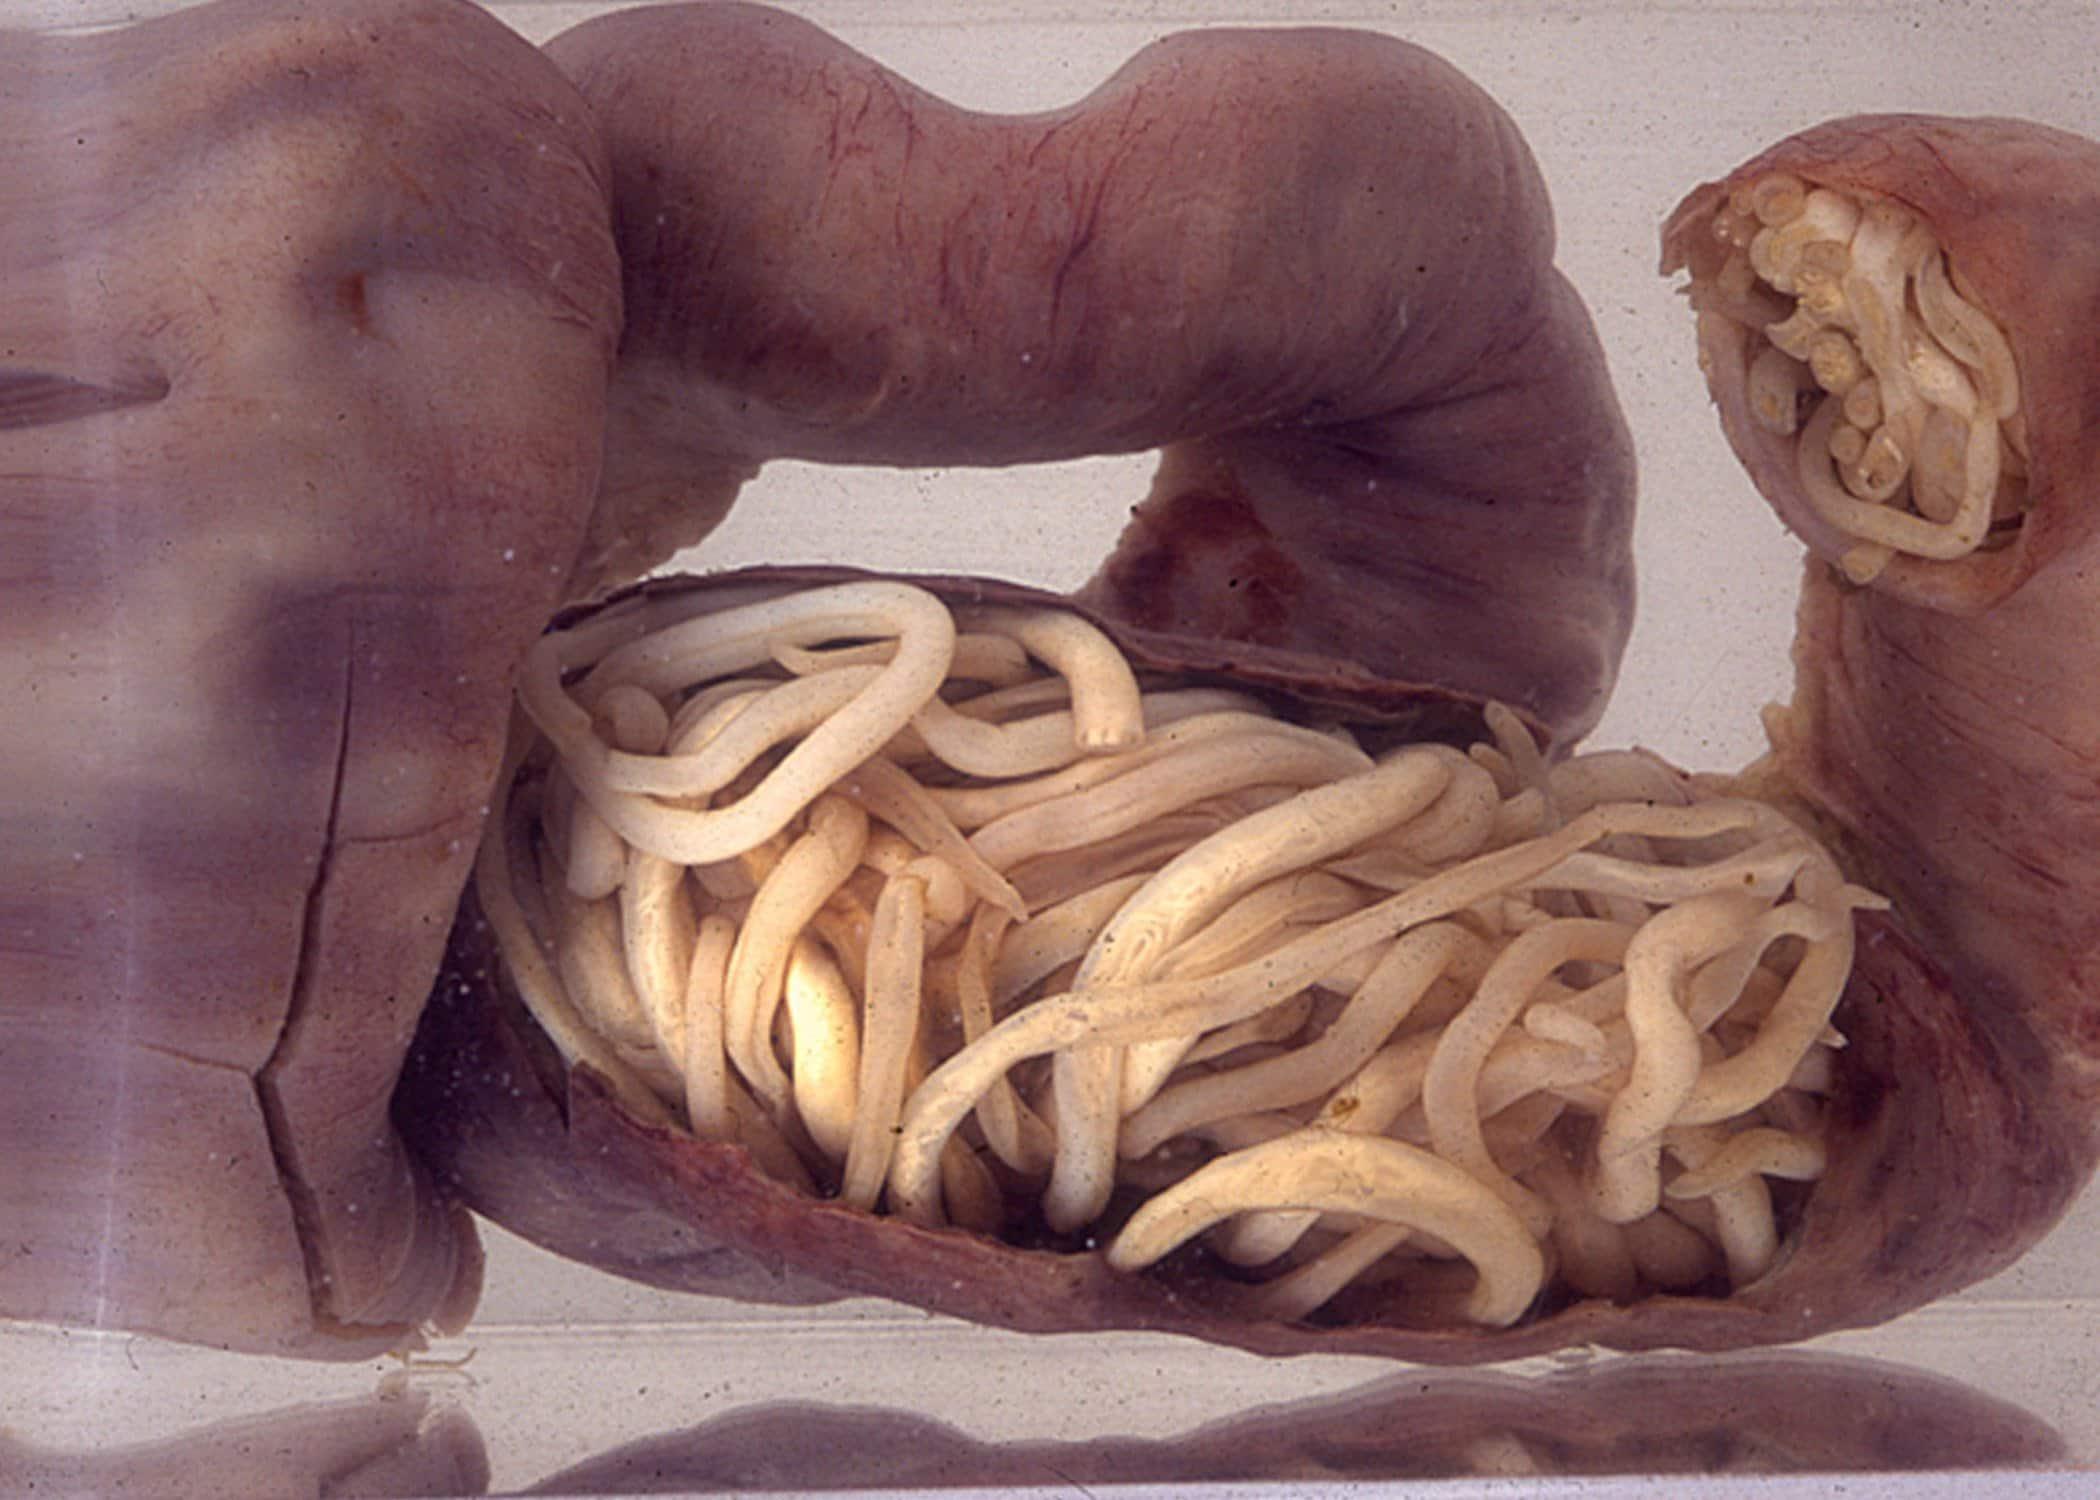 lombrices o gusanos intestinales